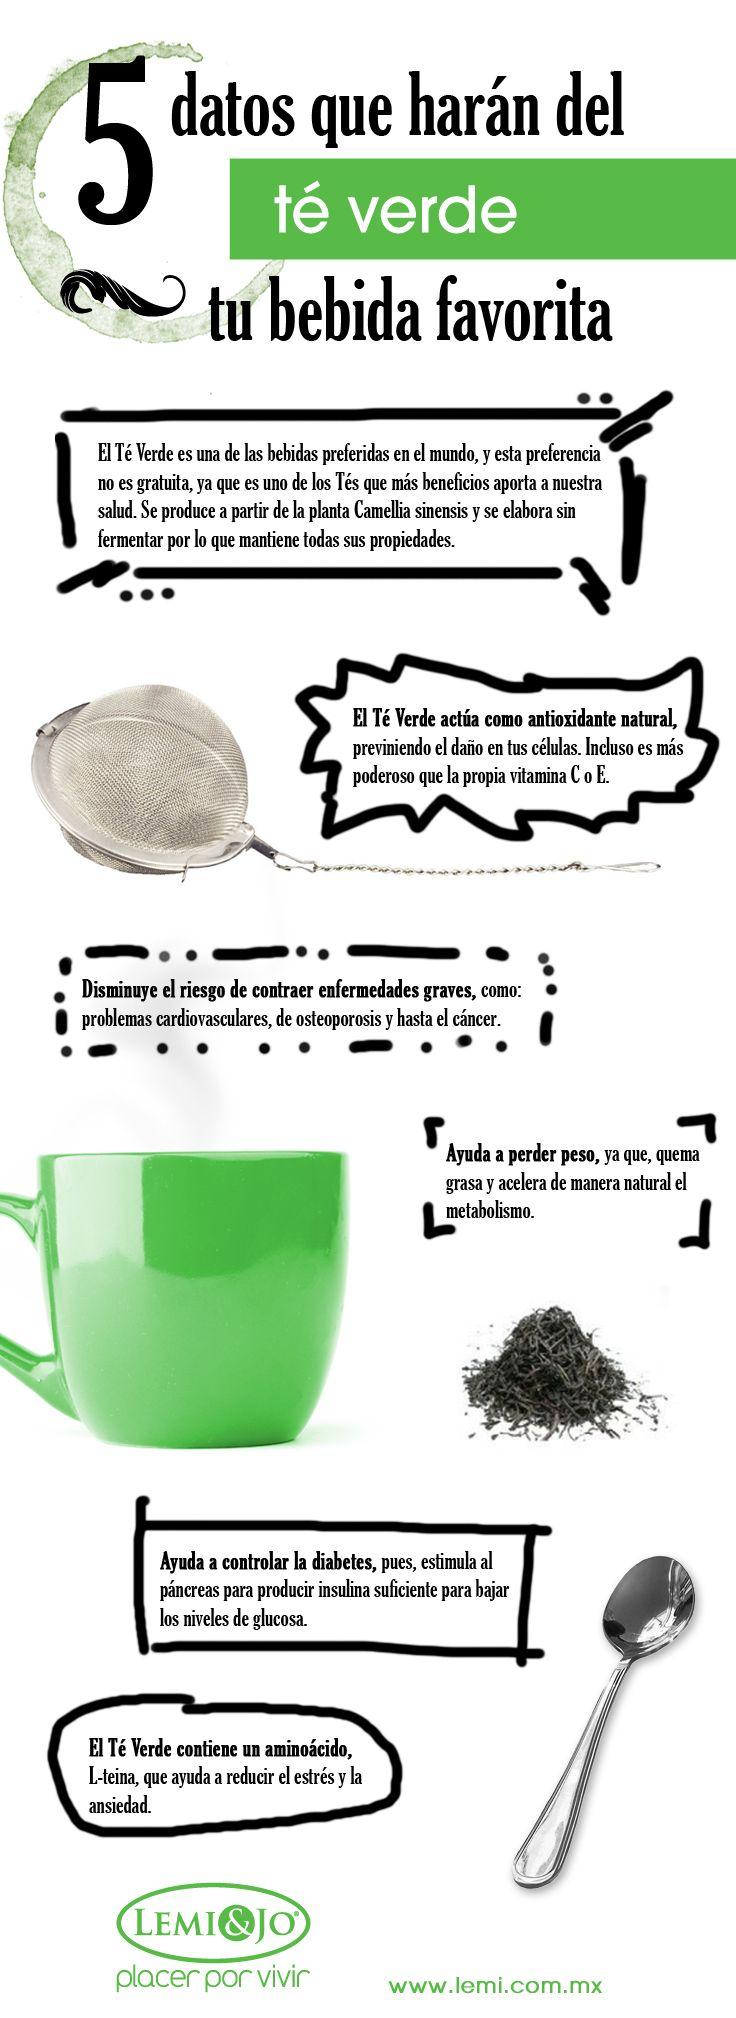 Infografía: 5 datos que harán del Té Verde tu bebida favorita. #salud y #bienestar